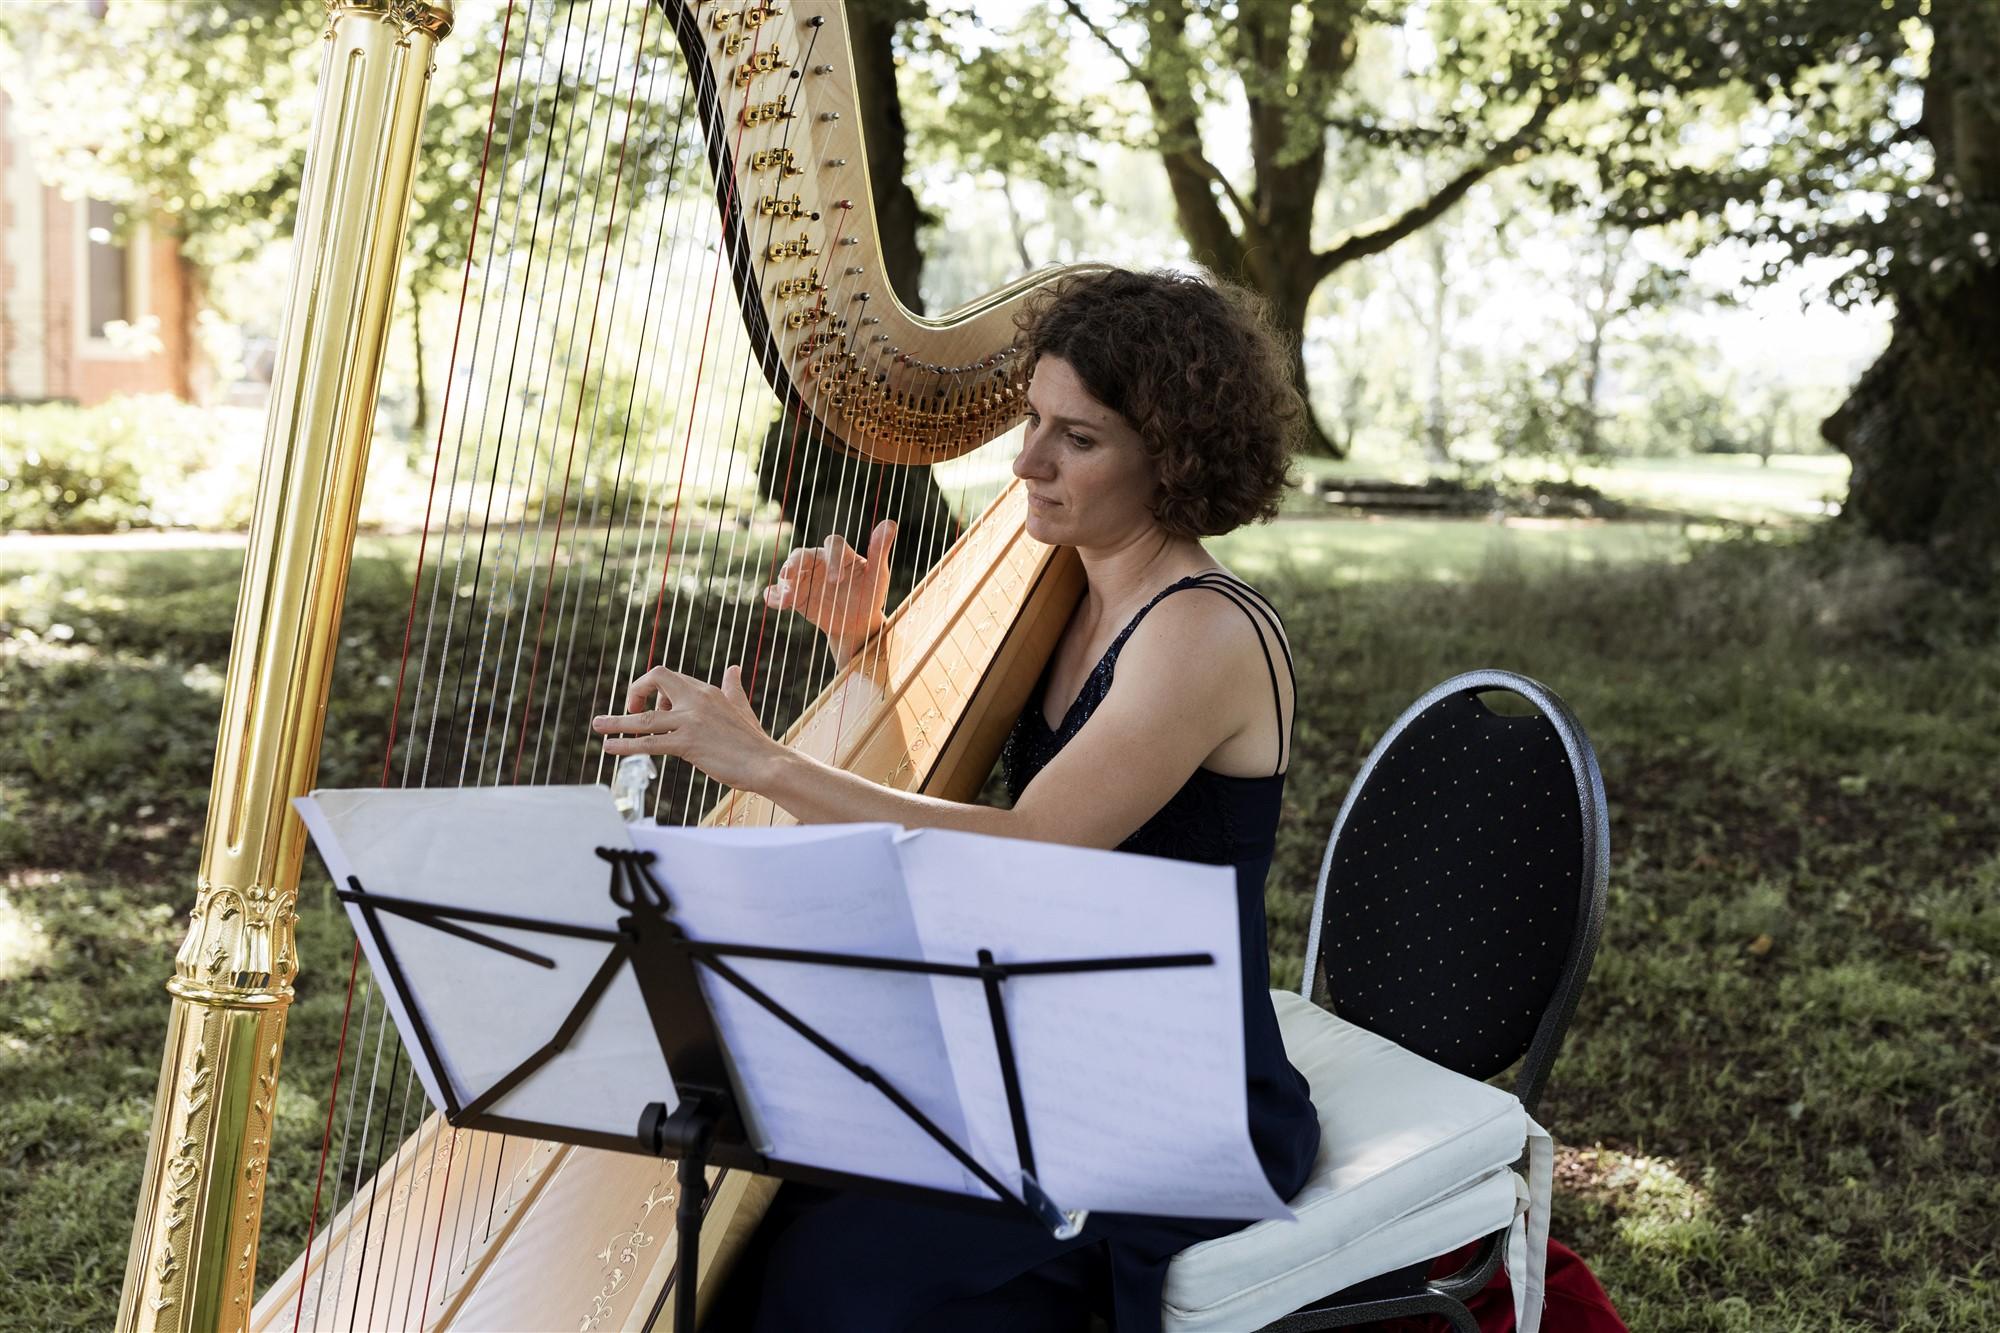 Freie Trauung im Hirzen Pavillon - Die Trauung mit Harfenspielerin - Hochzeitsfotograf Basel